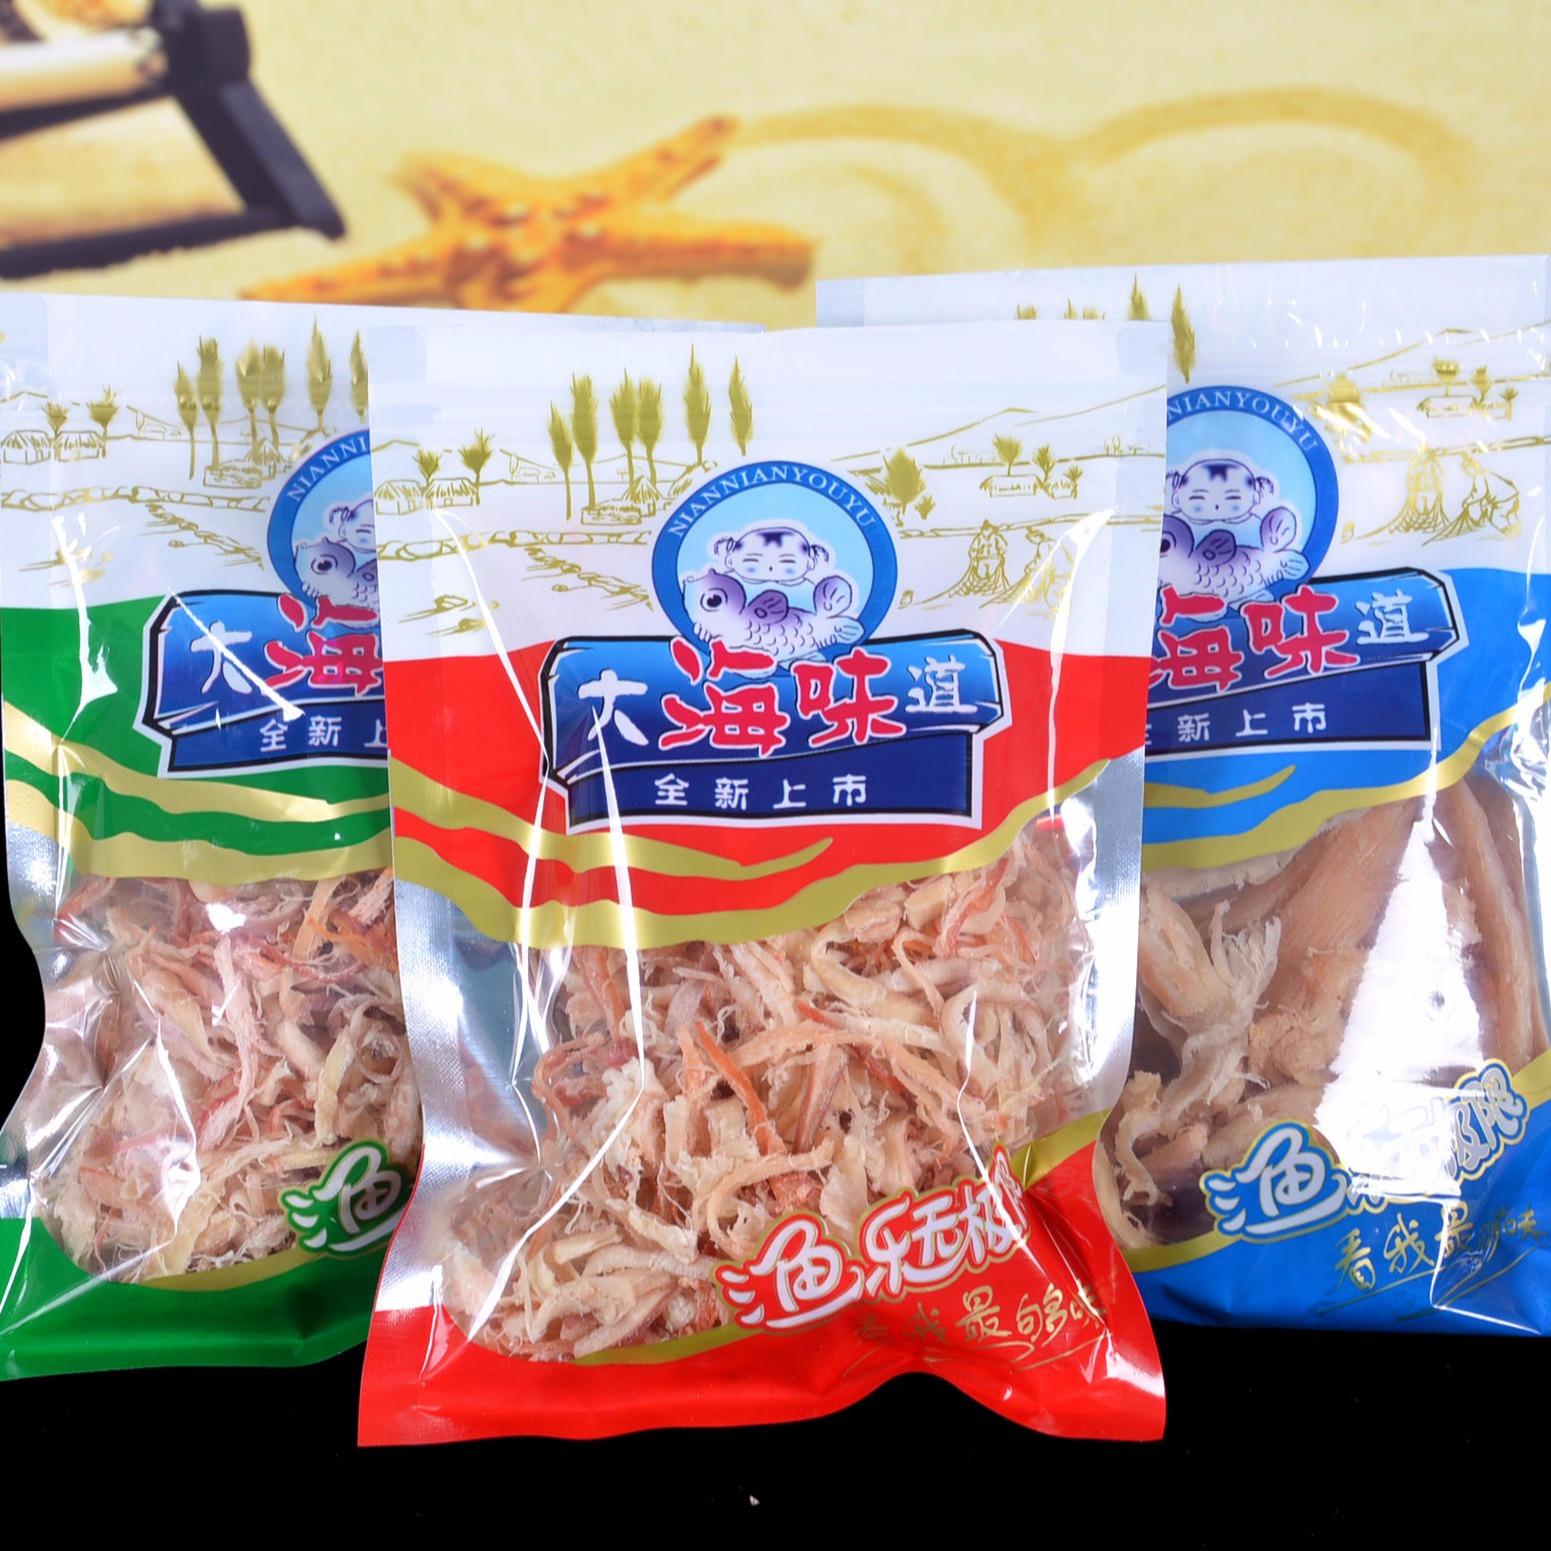 海鲜包装袋鱿鱼丝包装袋虾皮包装袋大海的味道自封包装